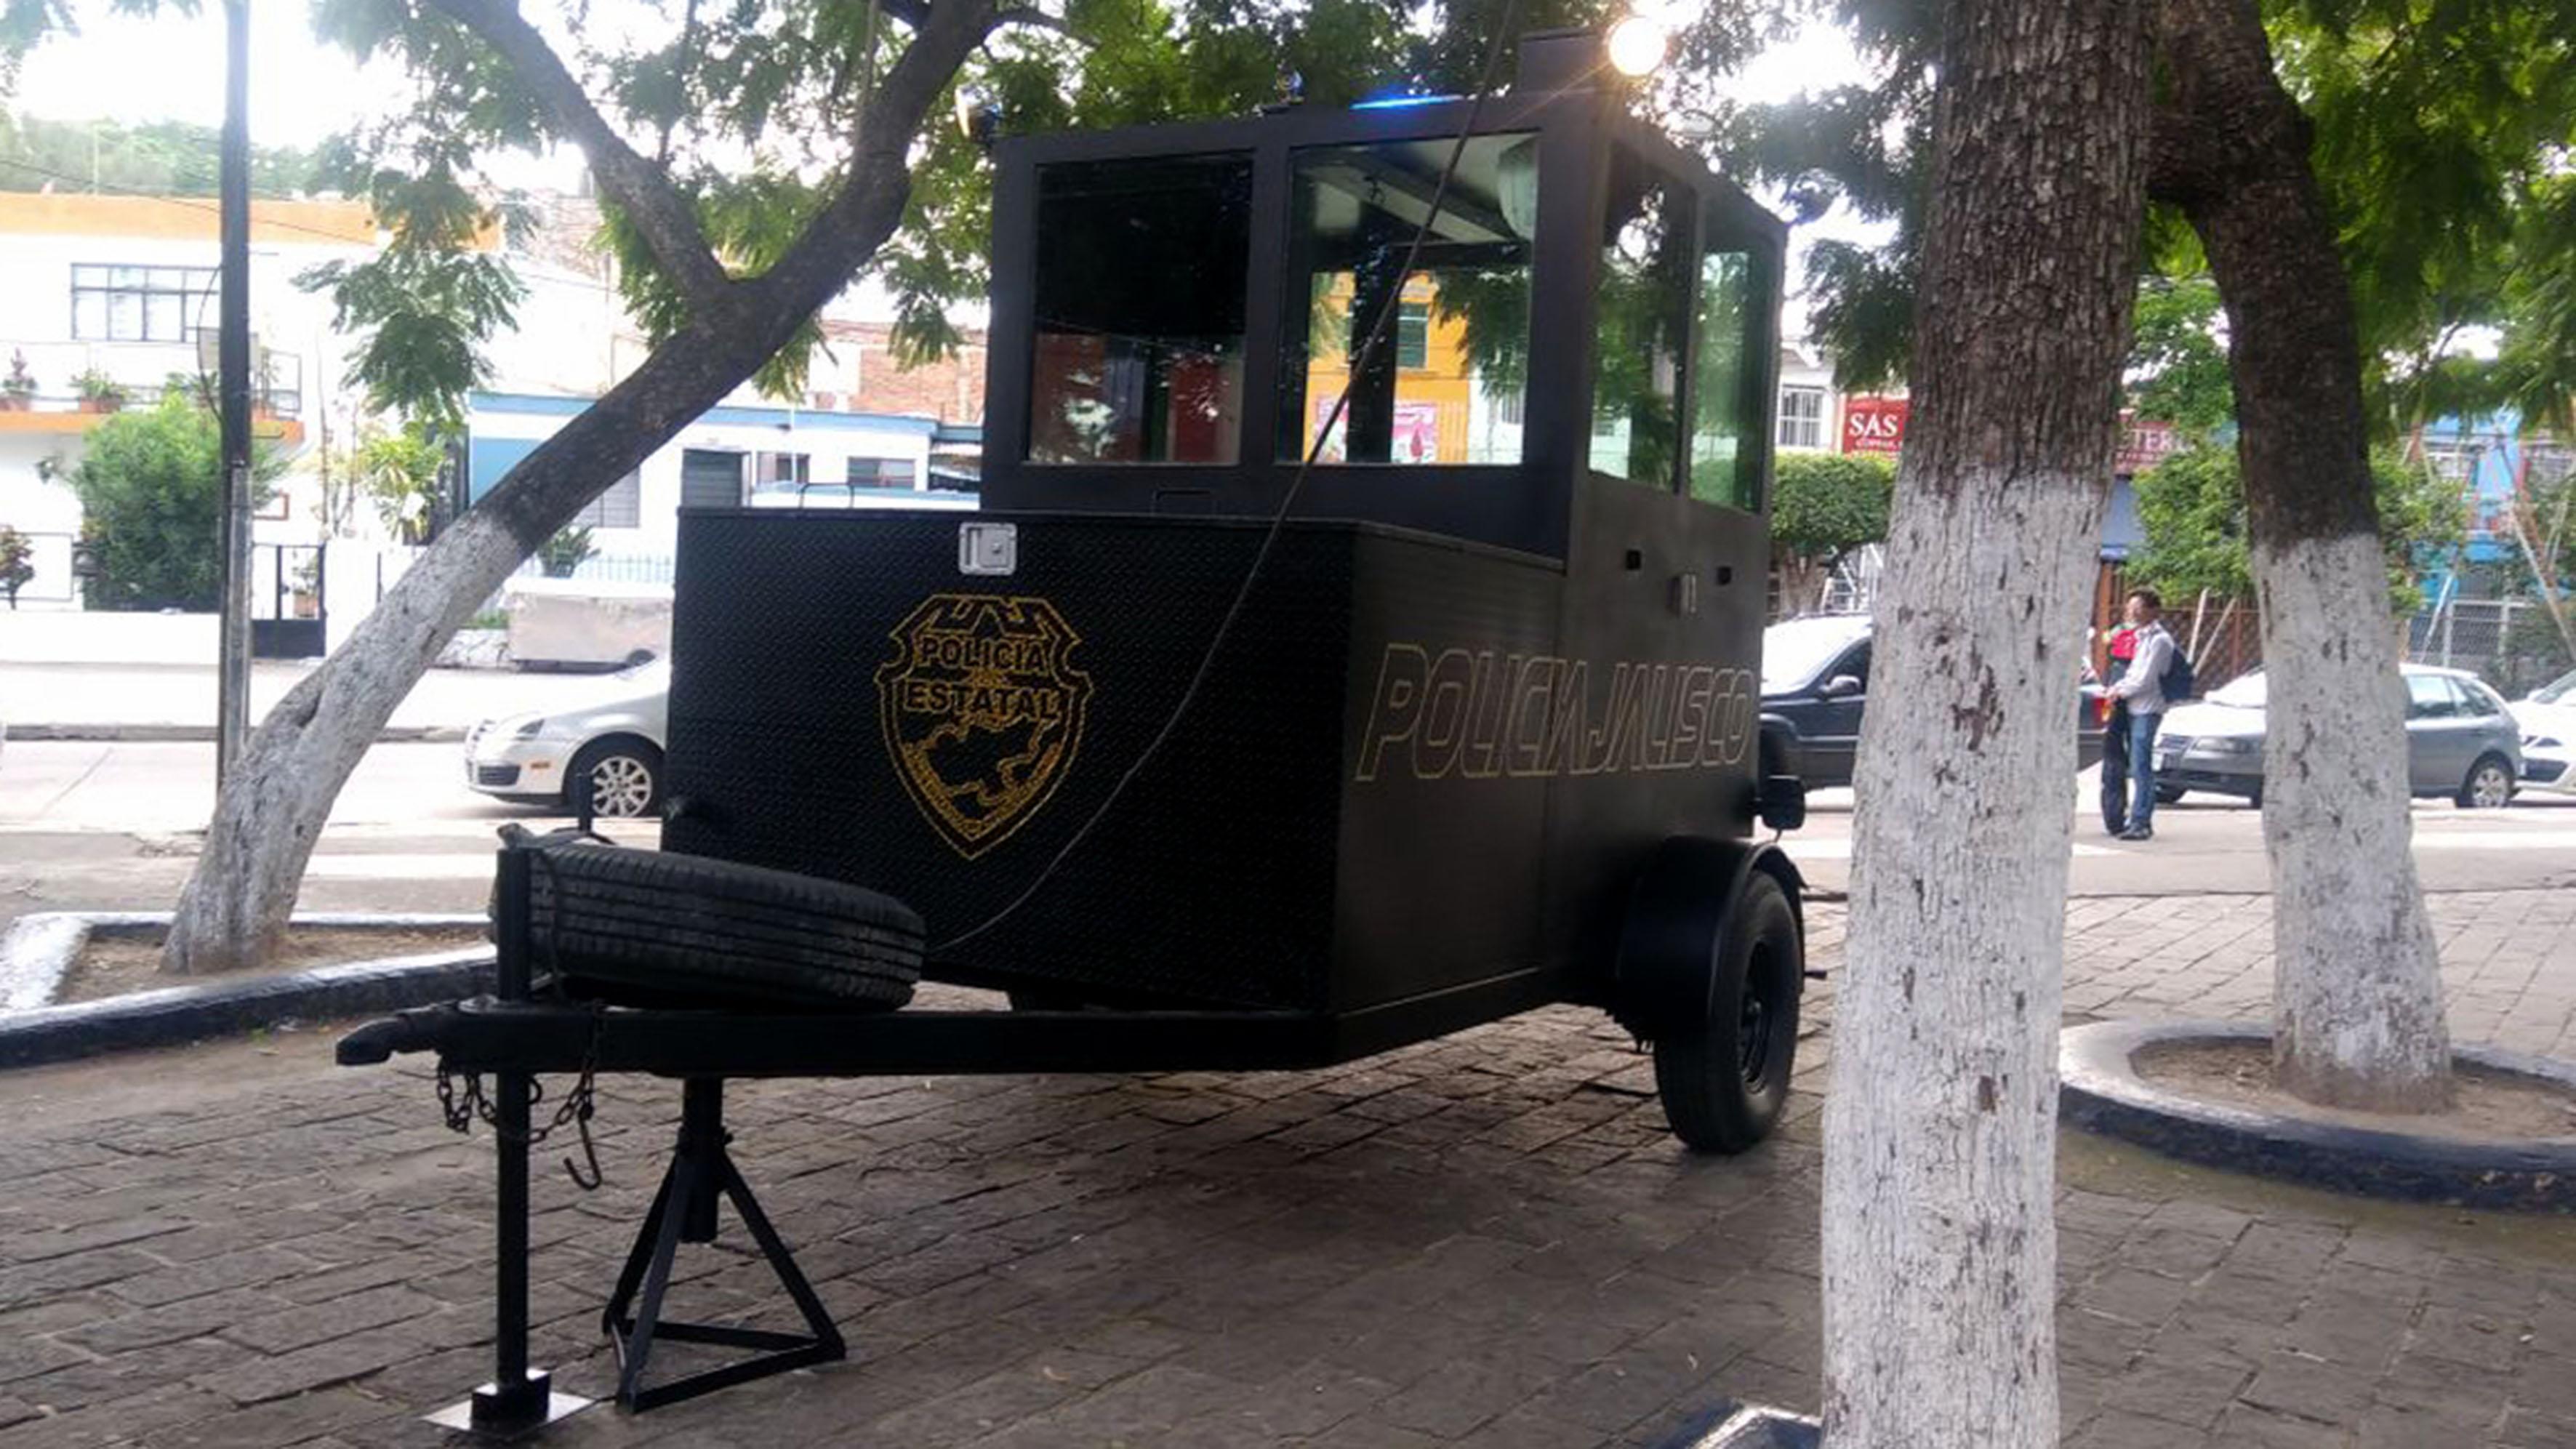 Iniciativa de la Universidad de Guadalajara y la Fiscalía General del Estado, para combatir la incidencia delictiva de sus planteles educativos.